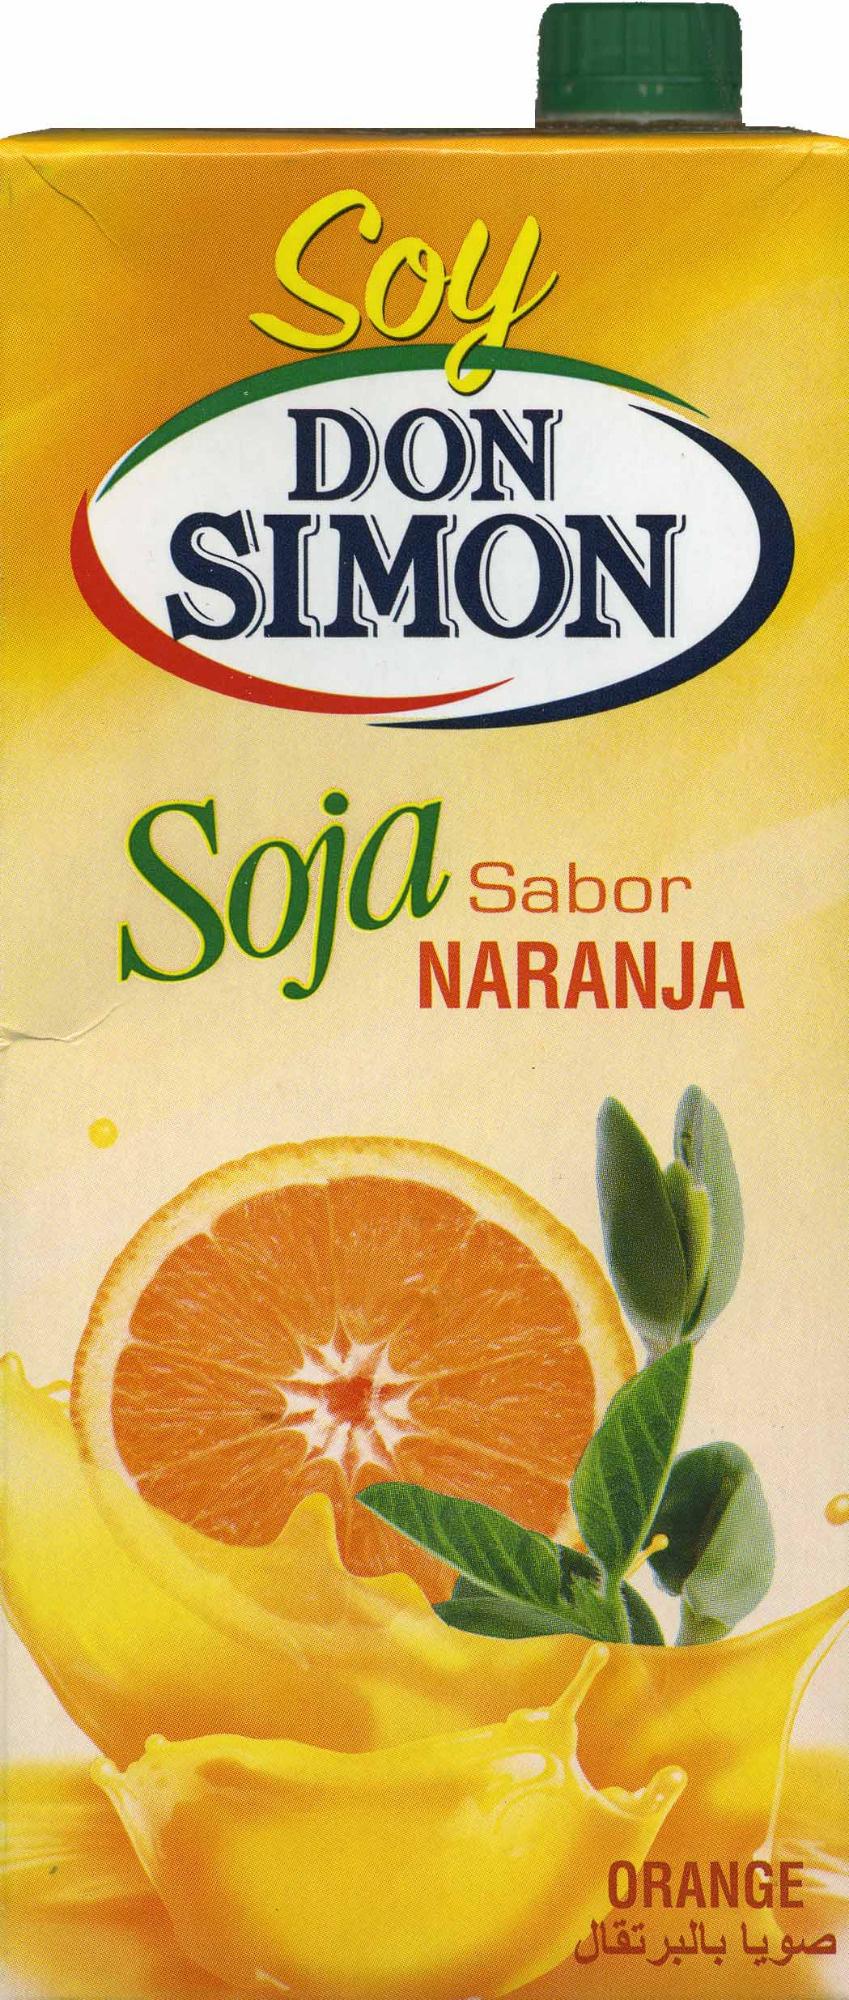 Soy Don Simón Soja Naranja - Producto